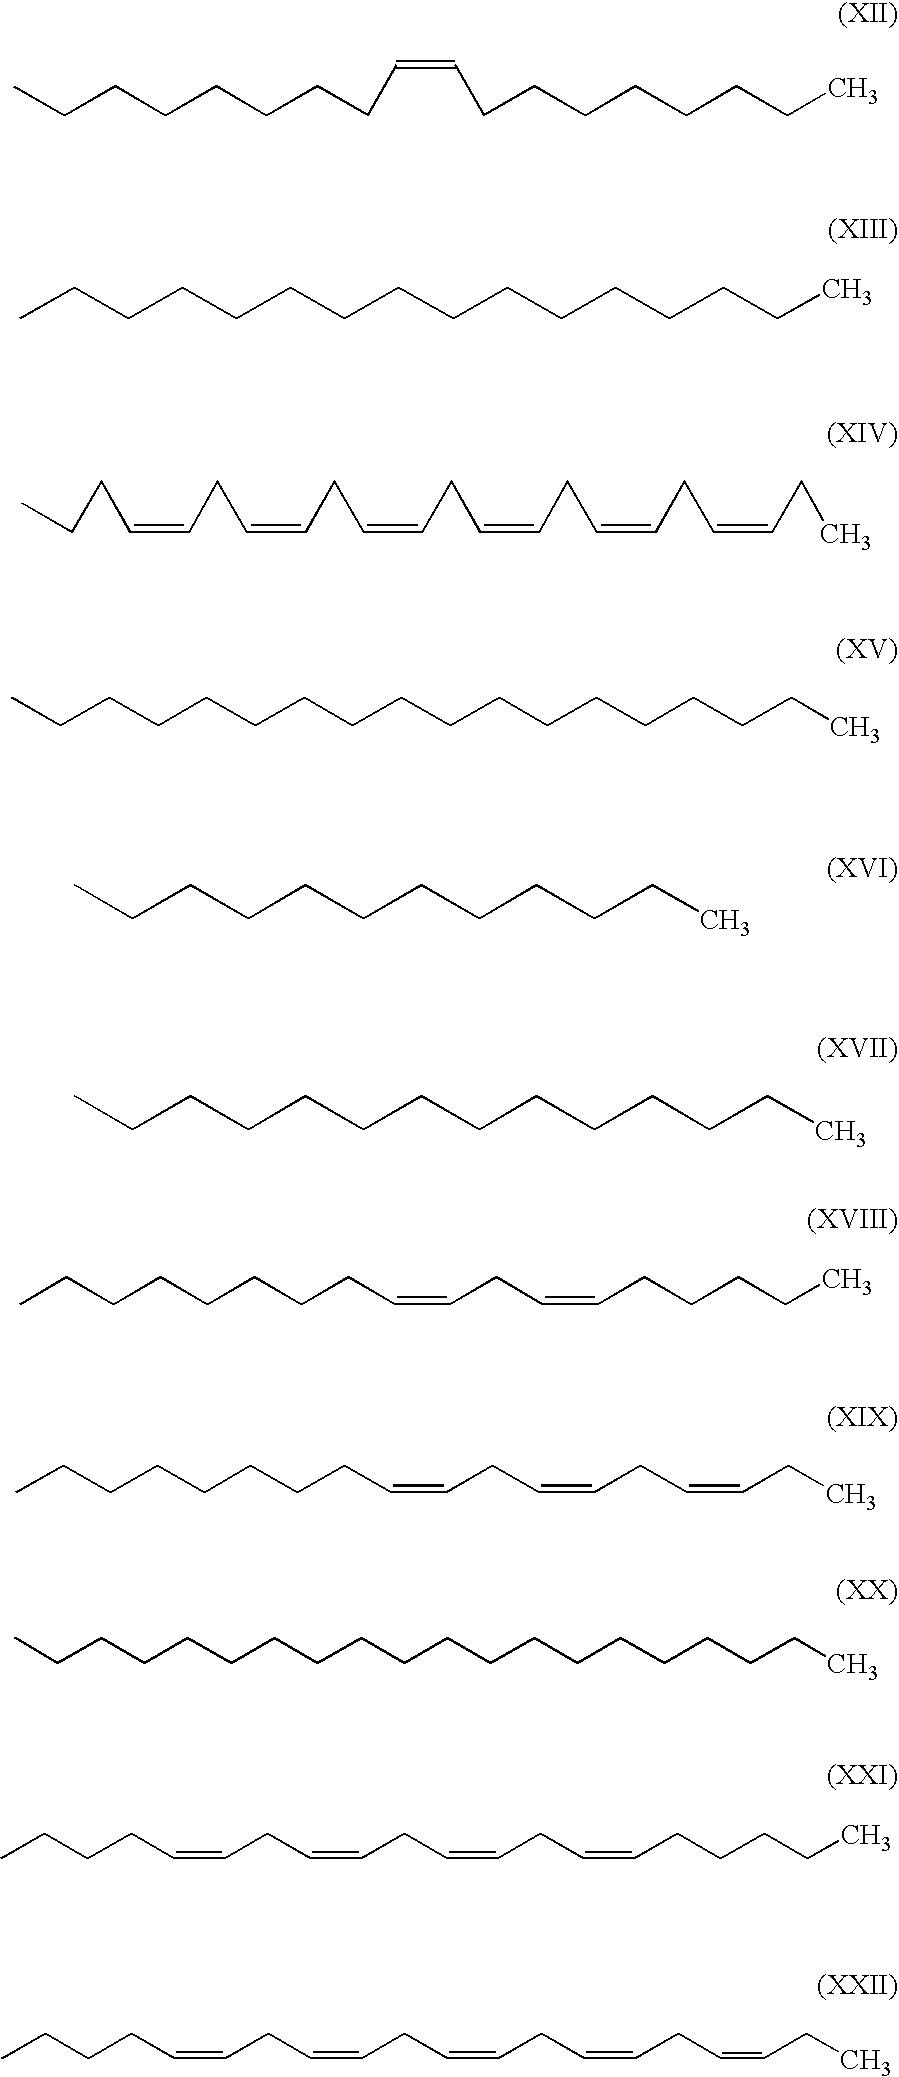 Figure US20060193905A1-20060831-C00008